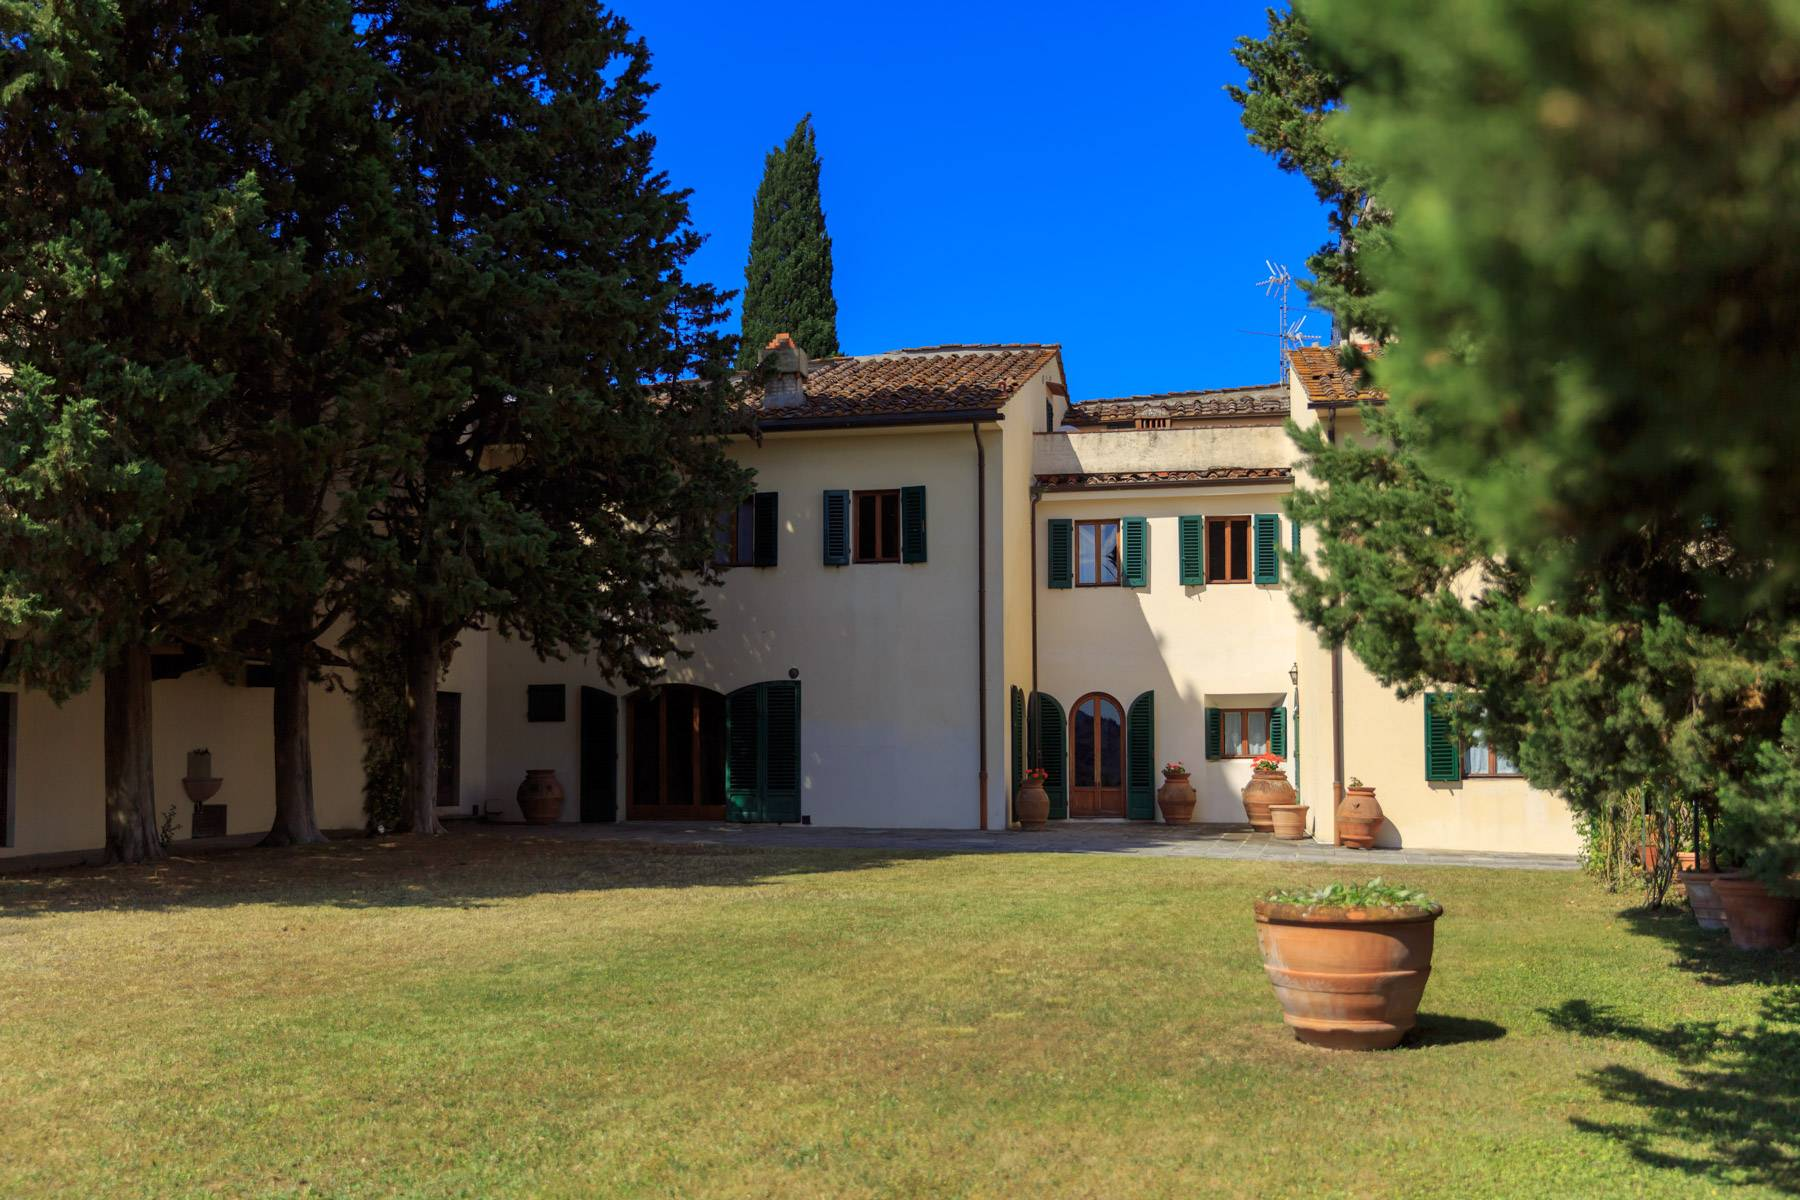 Villa in Vendita a Bagno A Ripoli: 5 locali, 790 mq - Foto 5